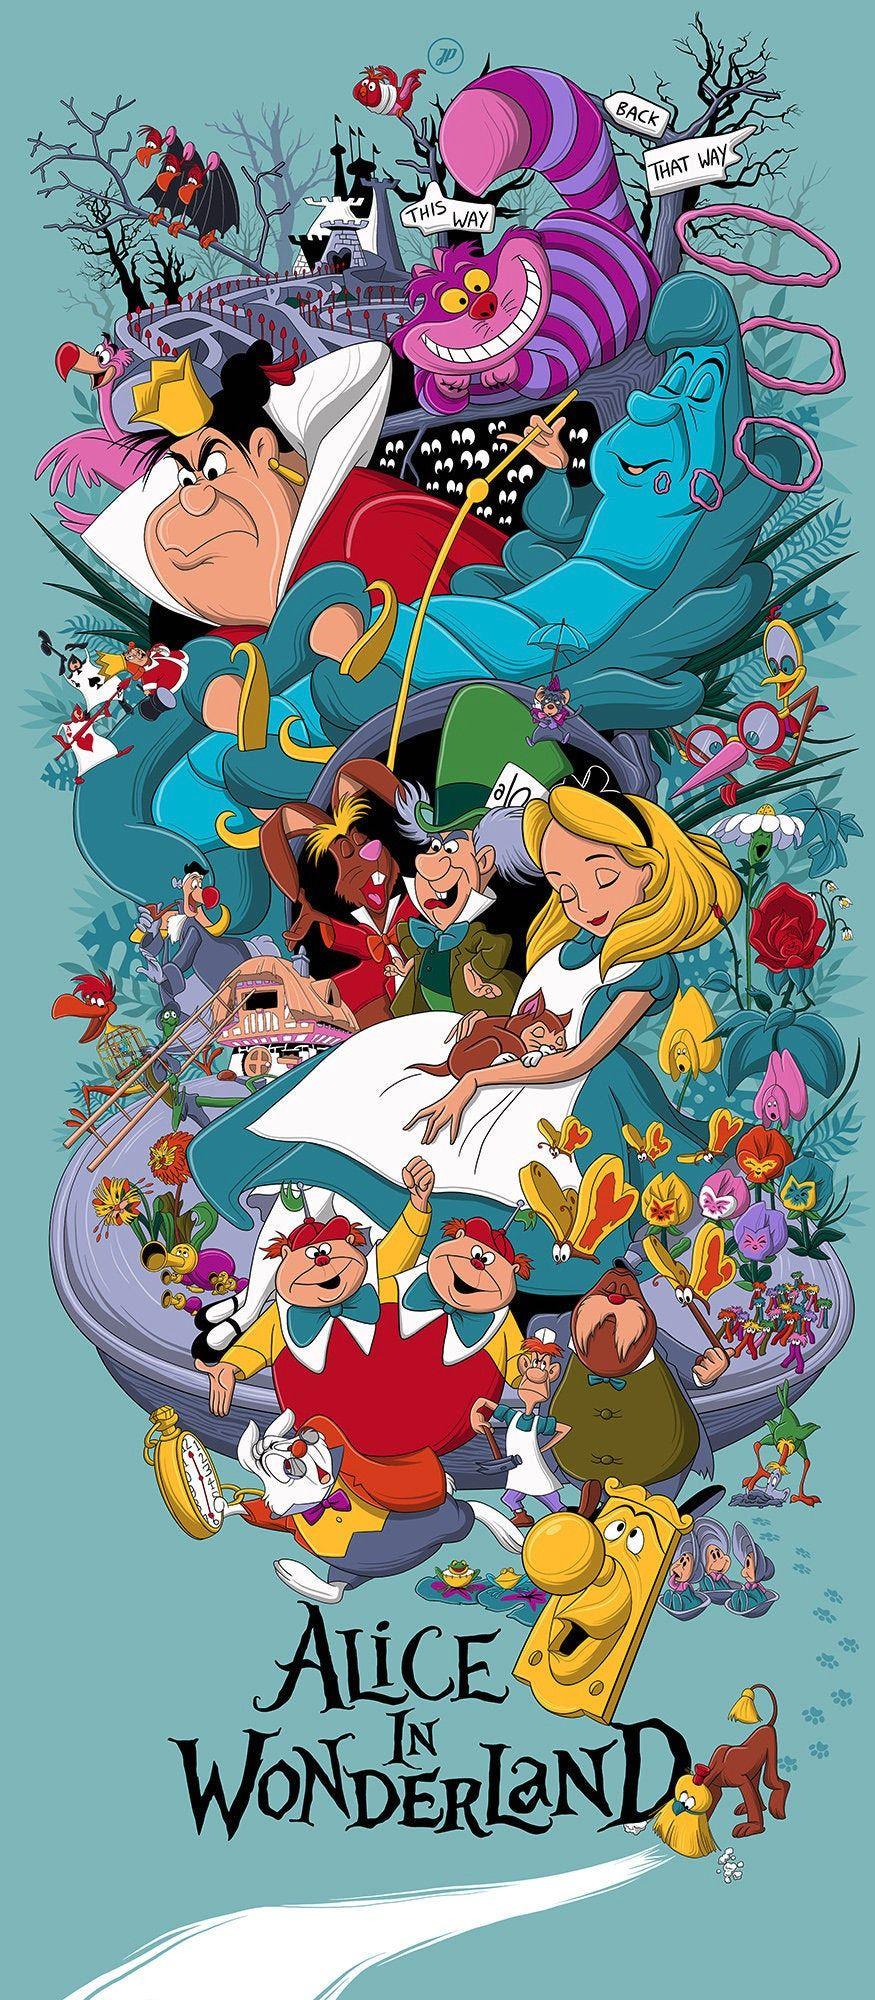 Alice In Wonderland Poster Disney Art Alice In Wonderland Drawings Alice In Wonderland Illustrations Alice In Wonderland Poster